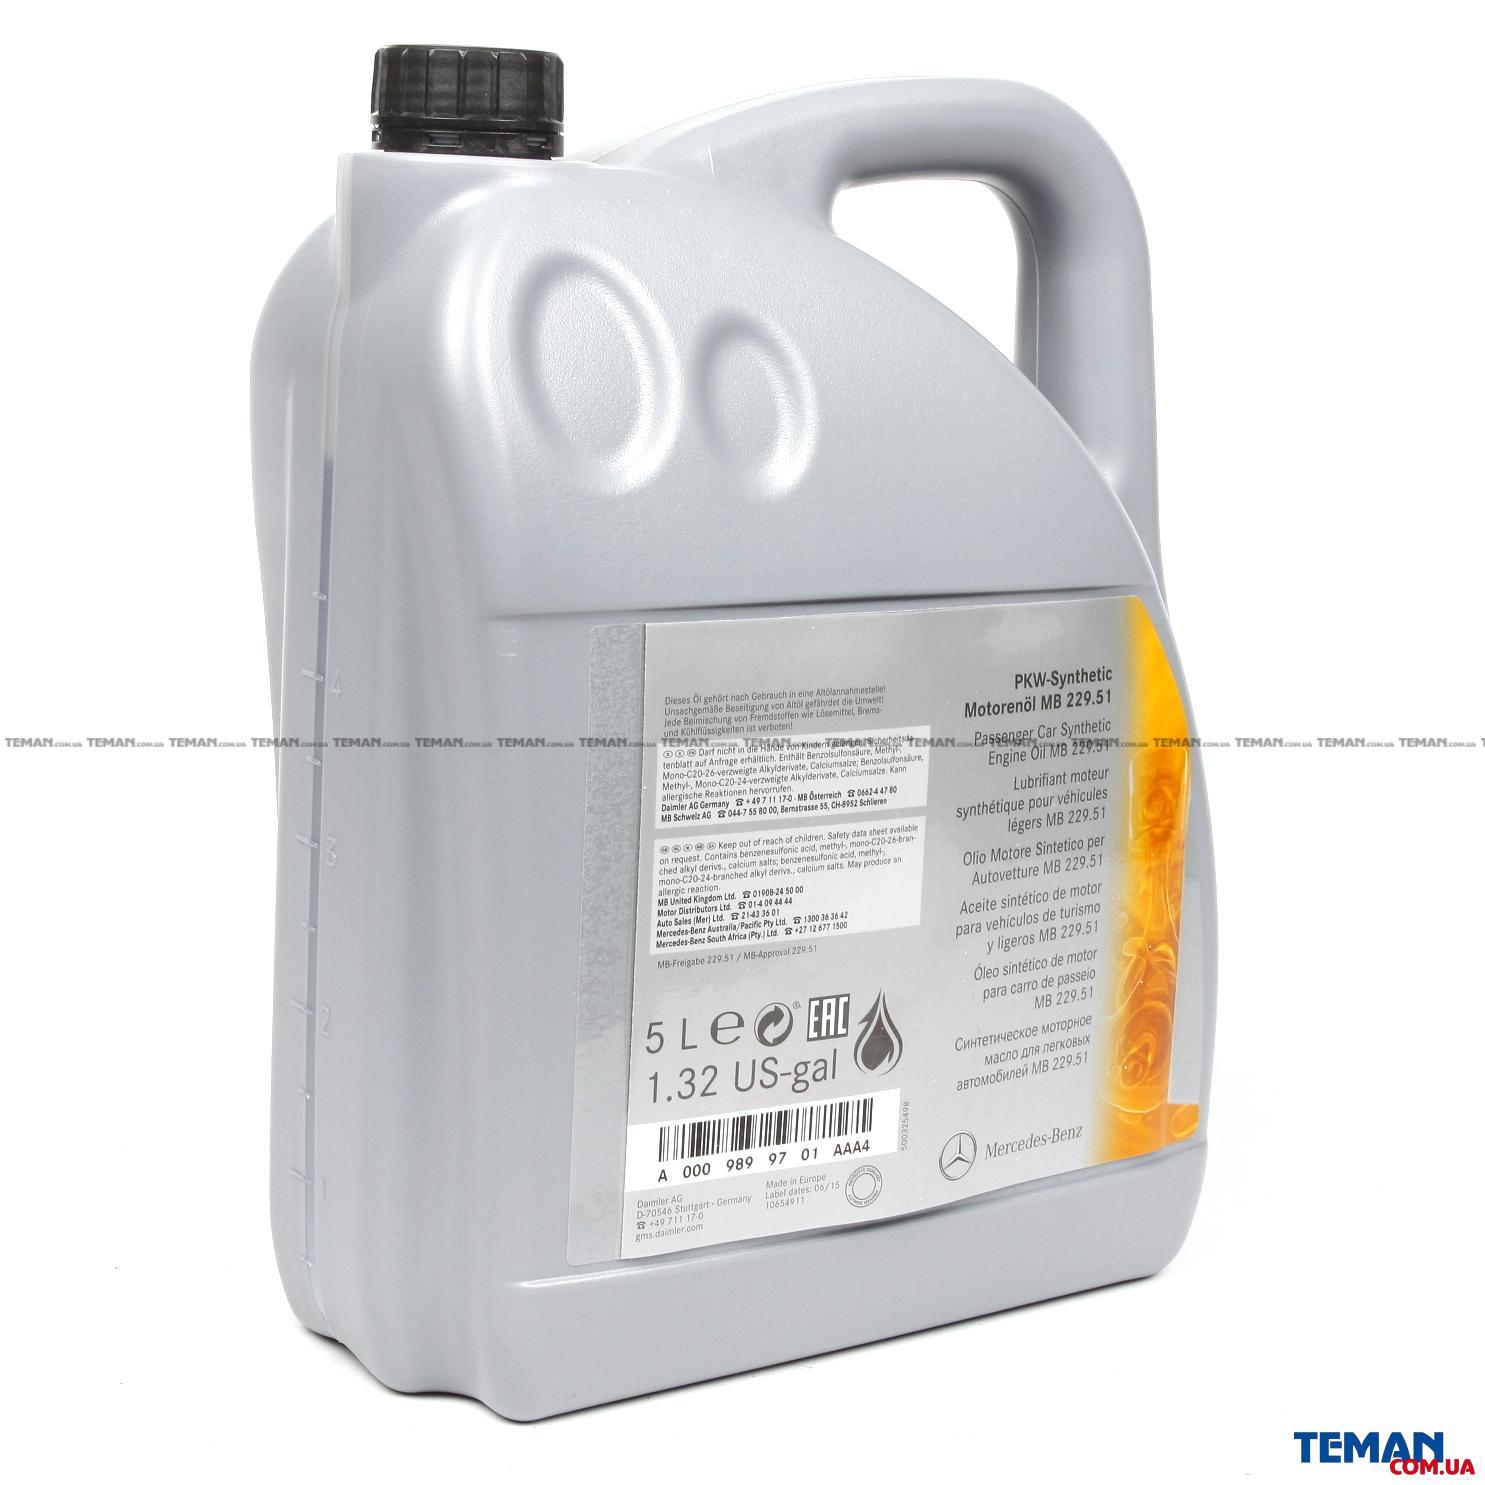 Купить Олива моторна MB229.51. (ціна за 1л. тара 5л)MERCEDES BENZ 0009899701AAA4